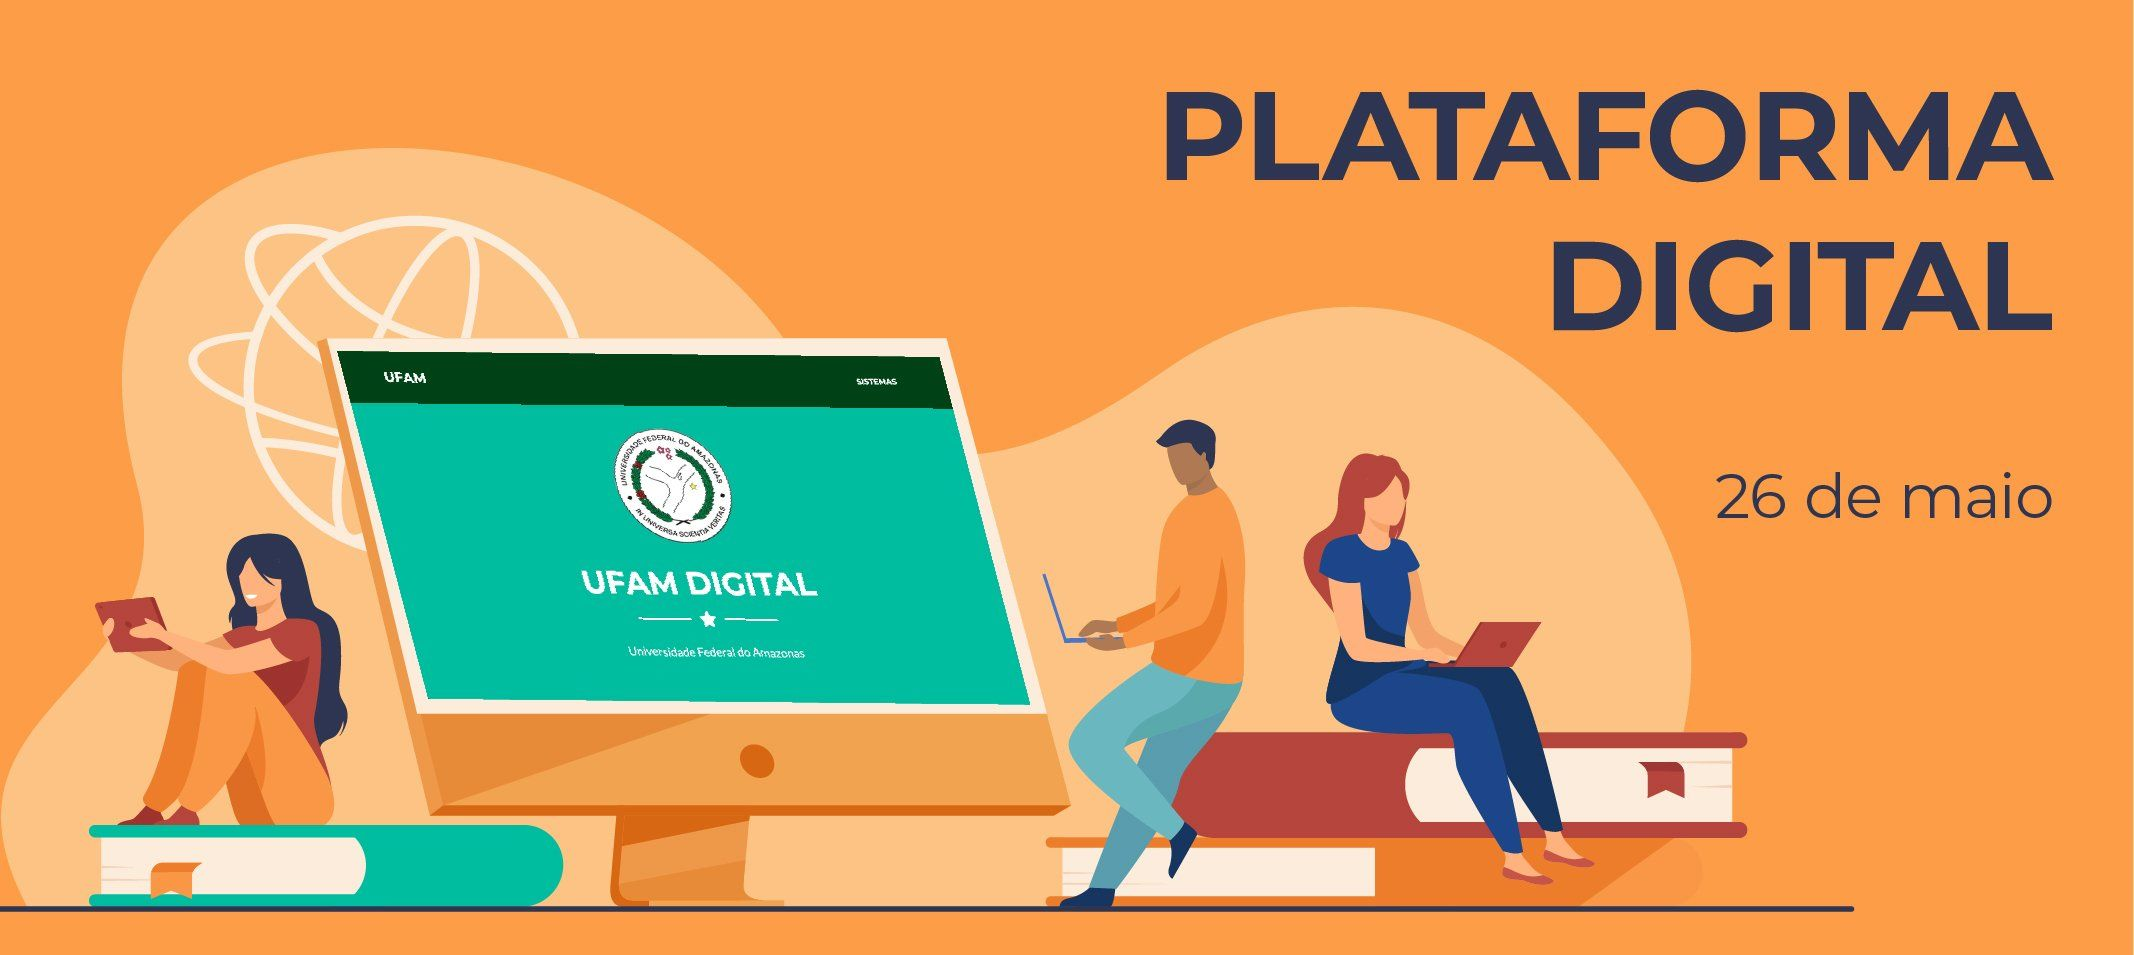 Plataforma Ufam Digital reúne nove sistemas de apoio ao aprendizado